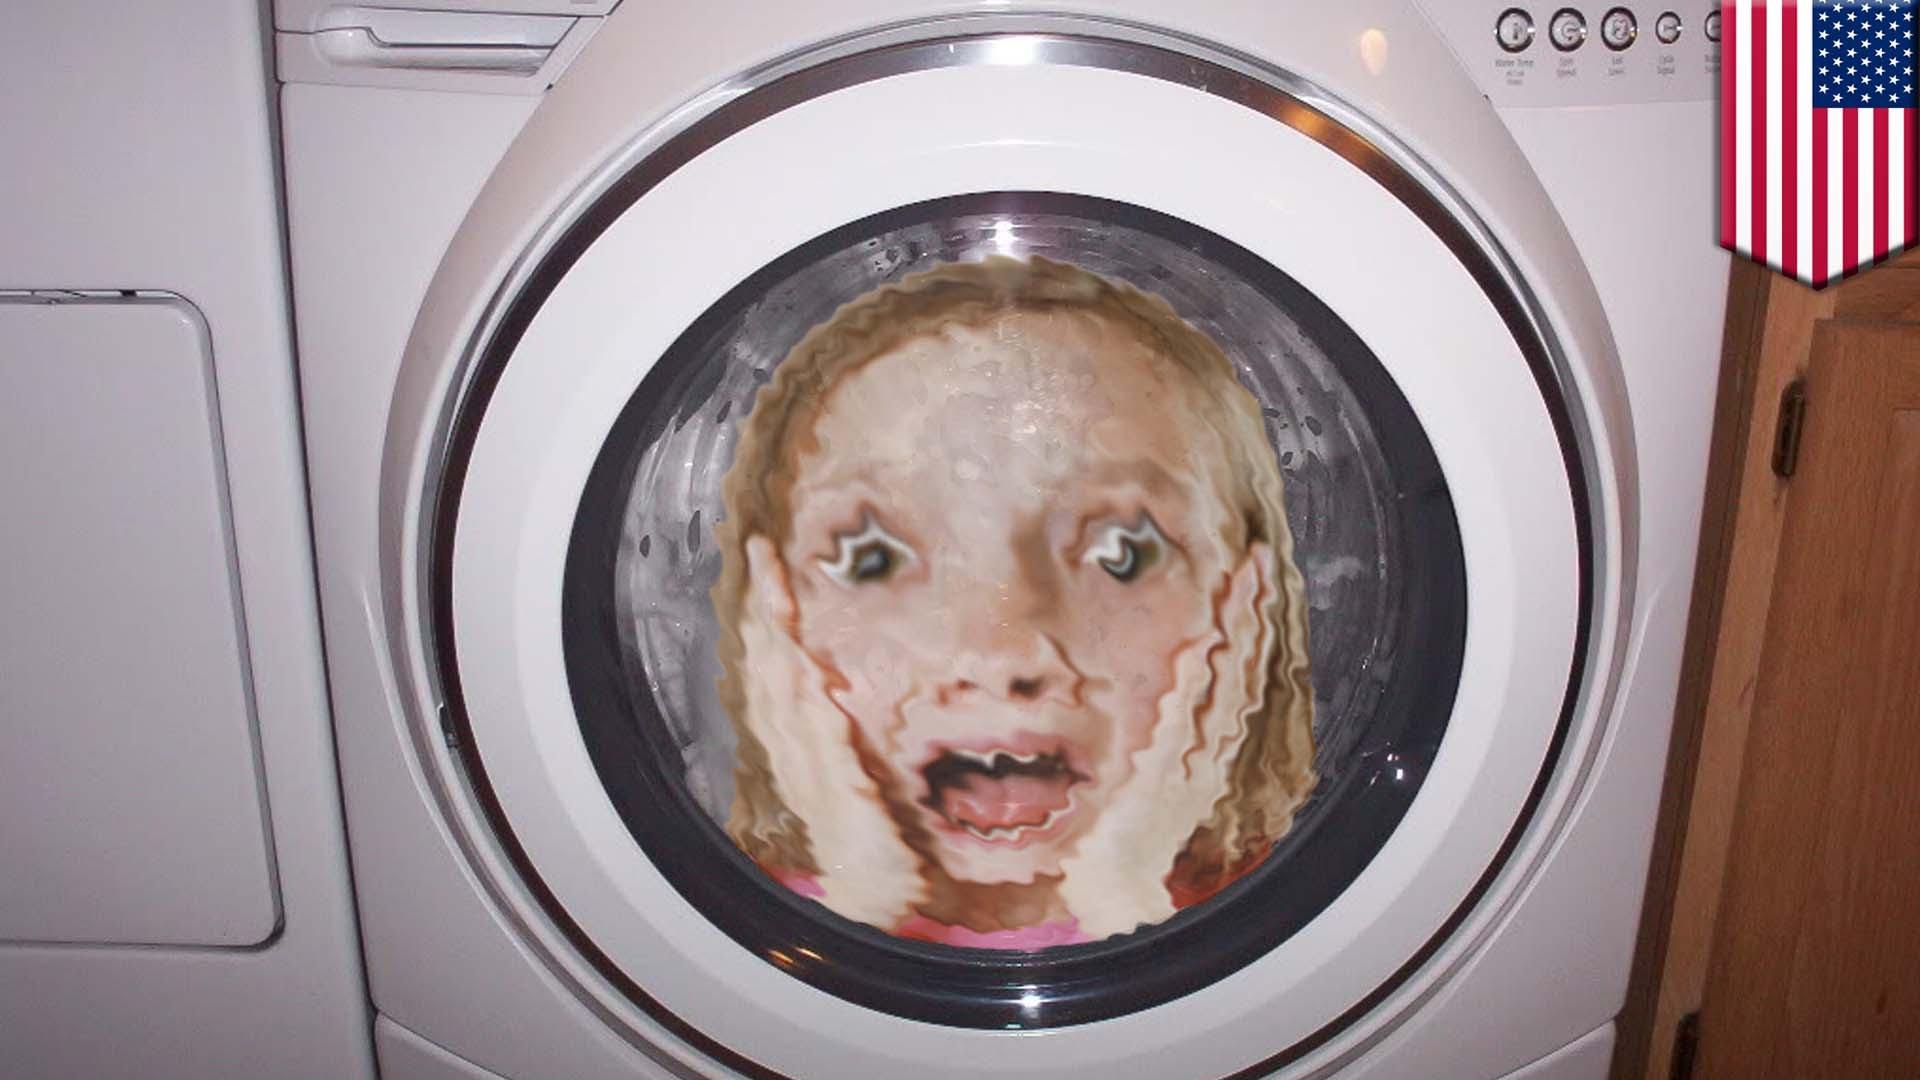 【危機一髪!】5歳女児が洗濯機で回され入院